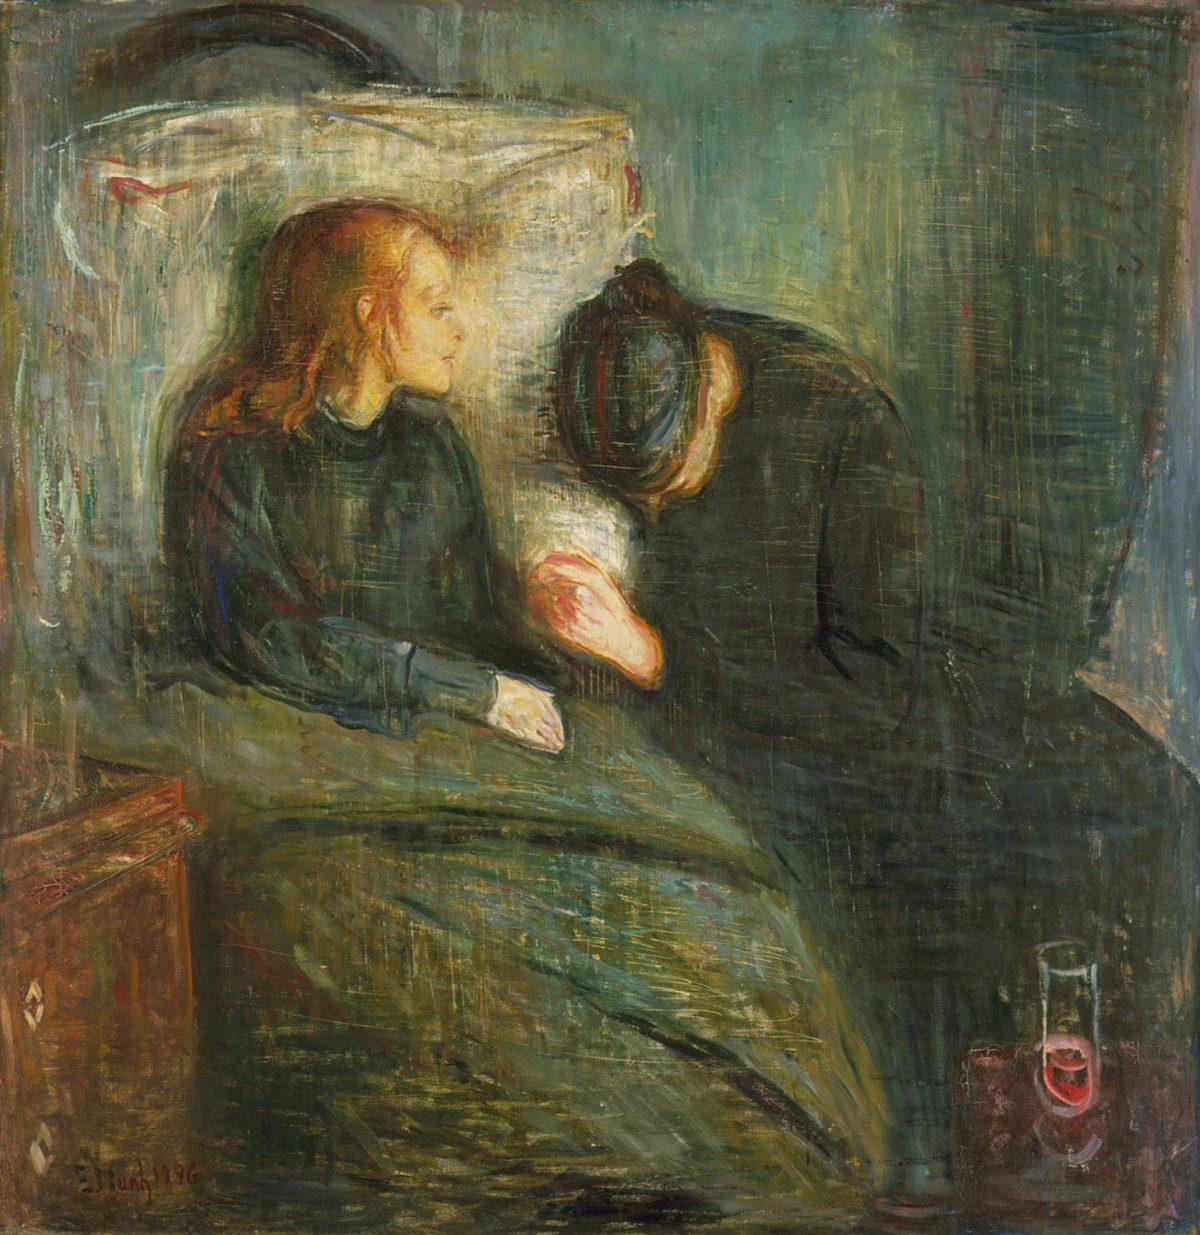 ادوارد مونک کودک بیمار